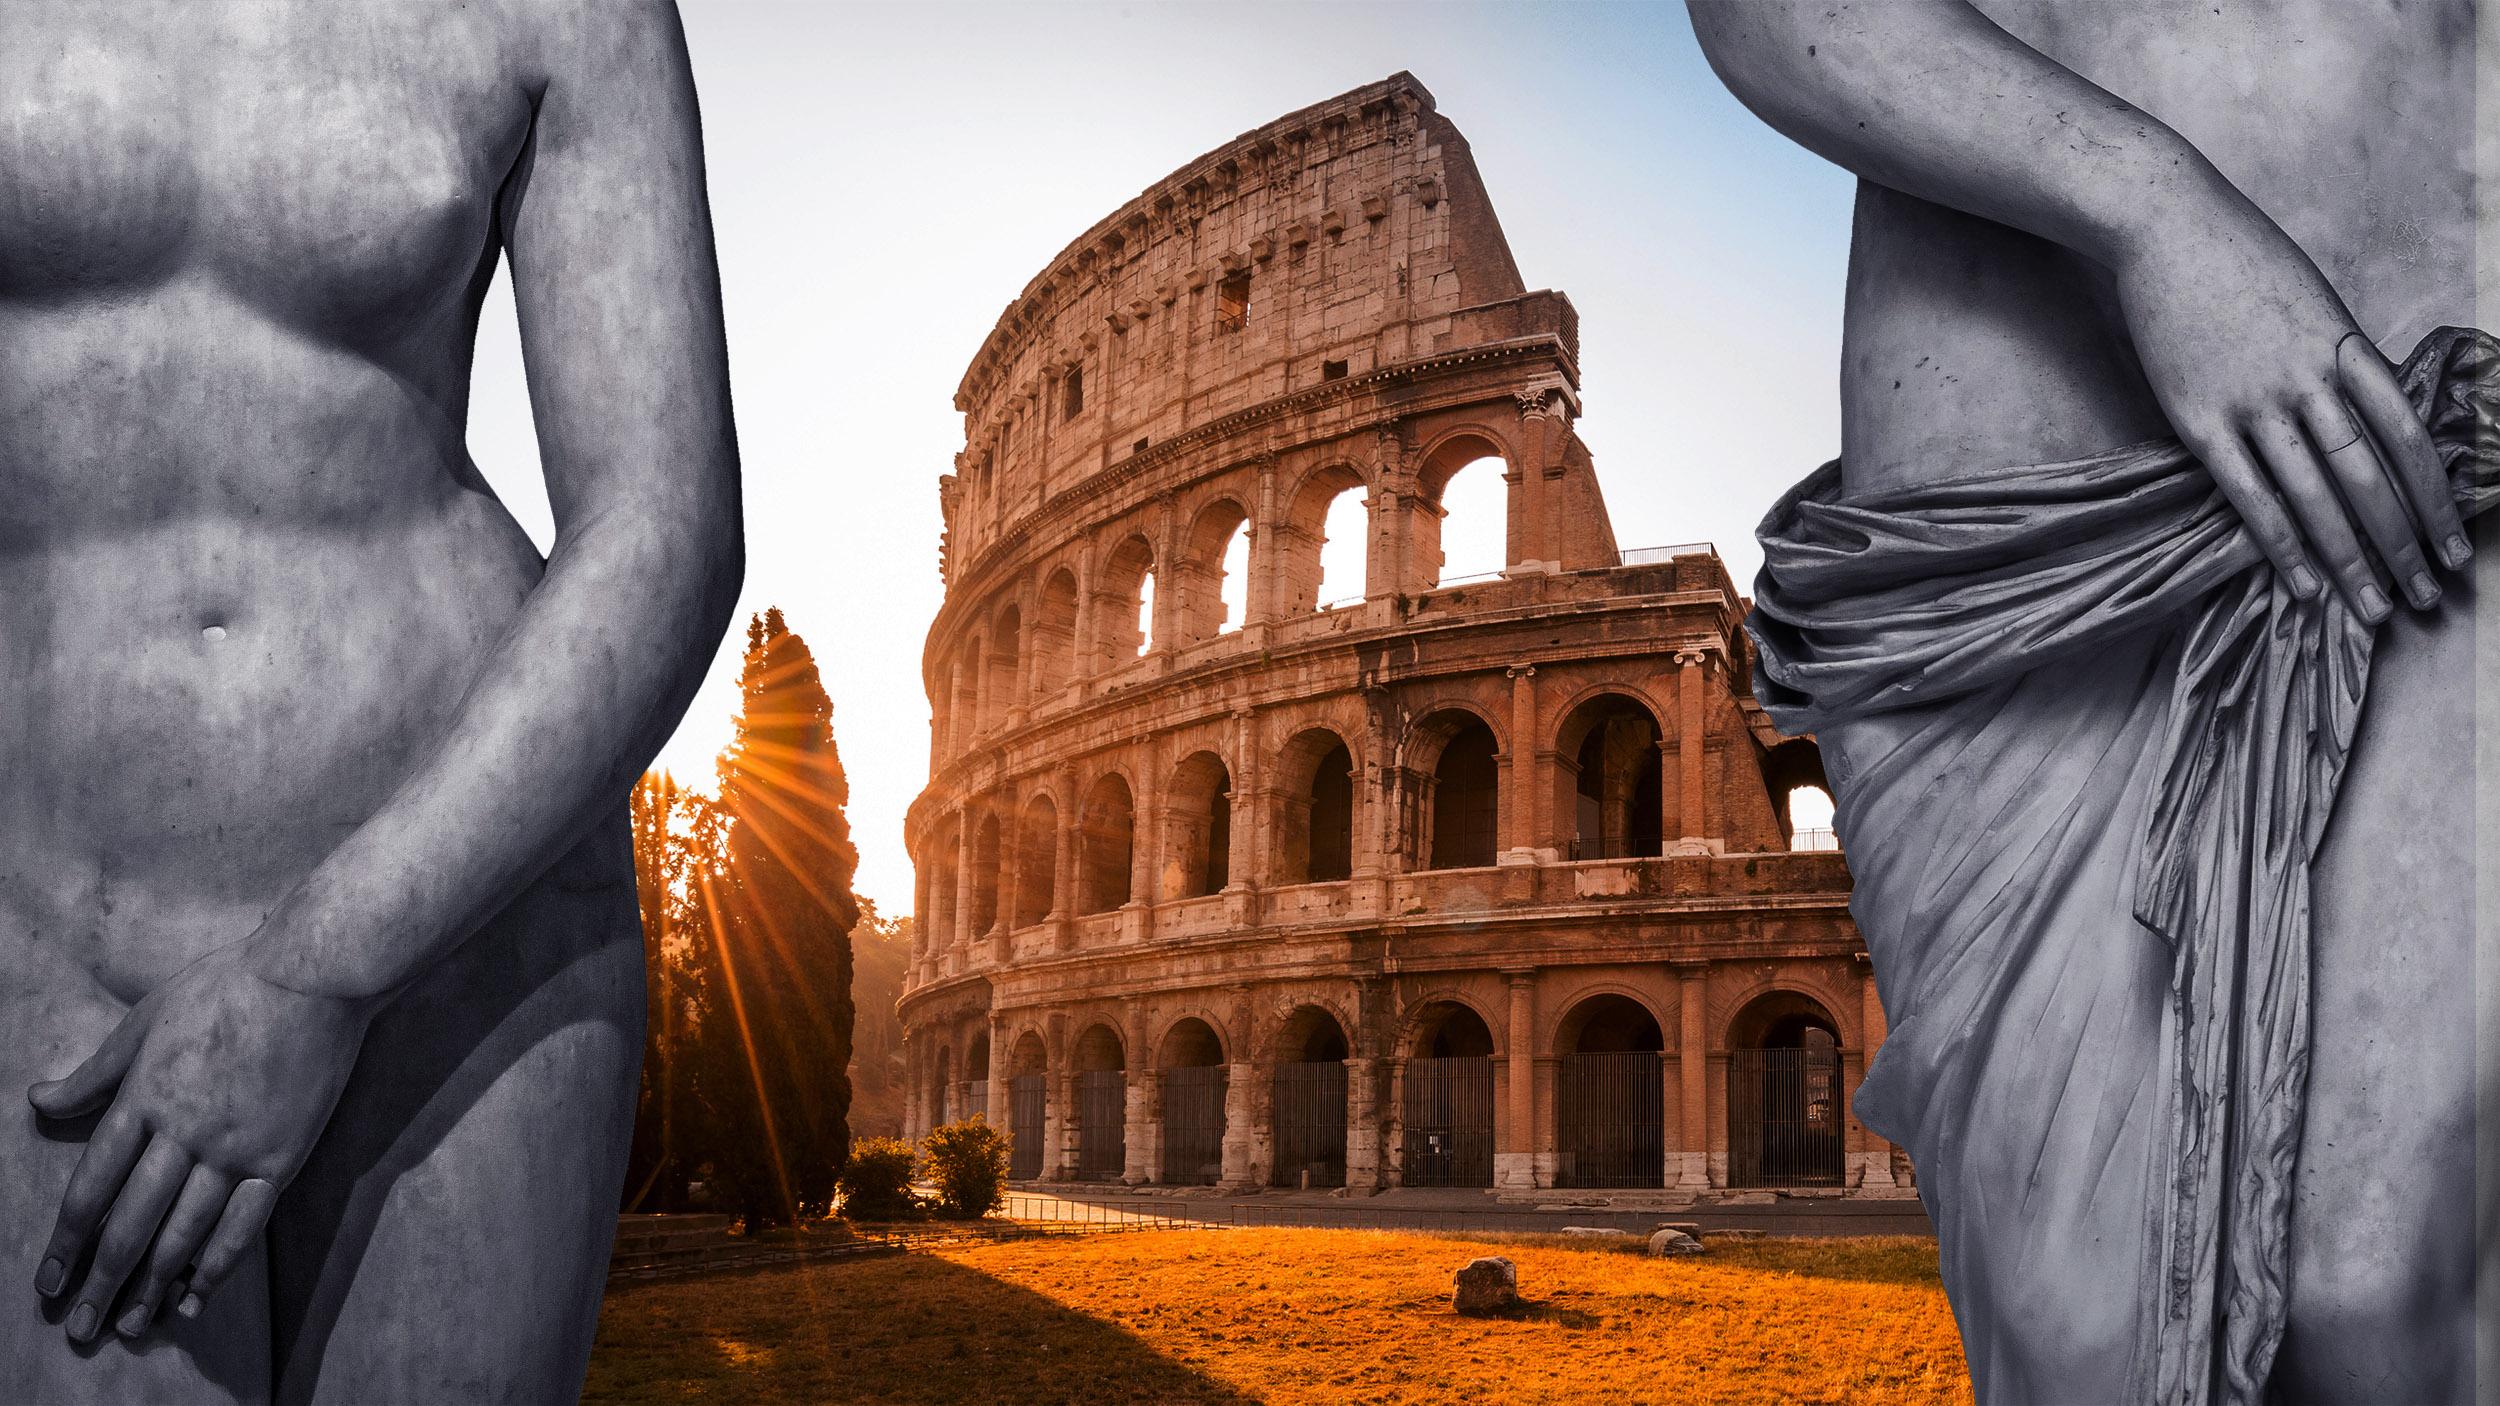 Разврат и смерть: императоры Рима, переплюнувшие Калигулу в похоти и гибели